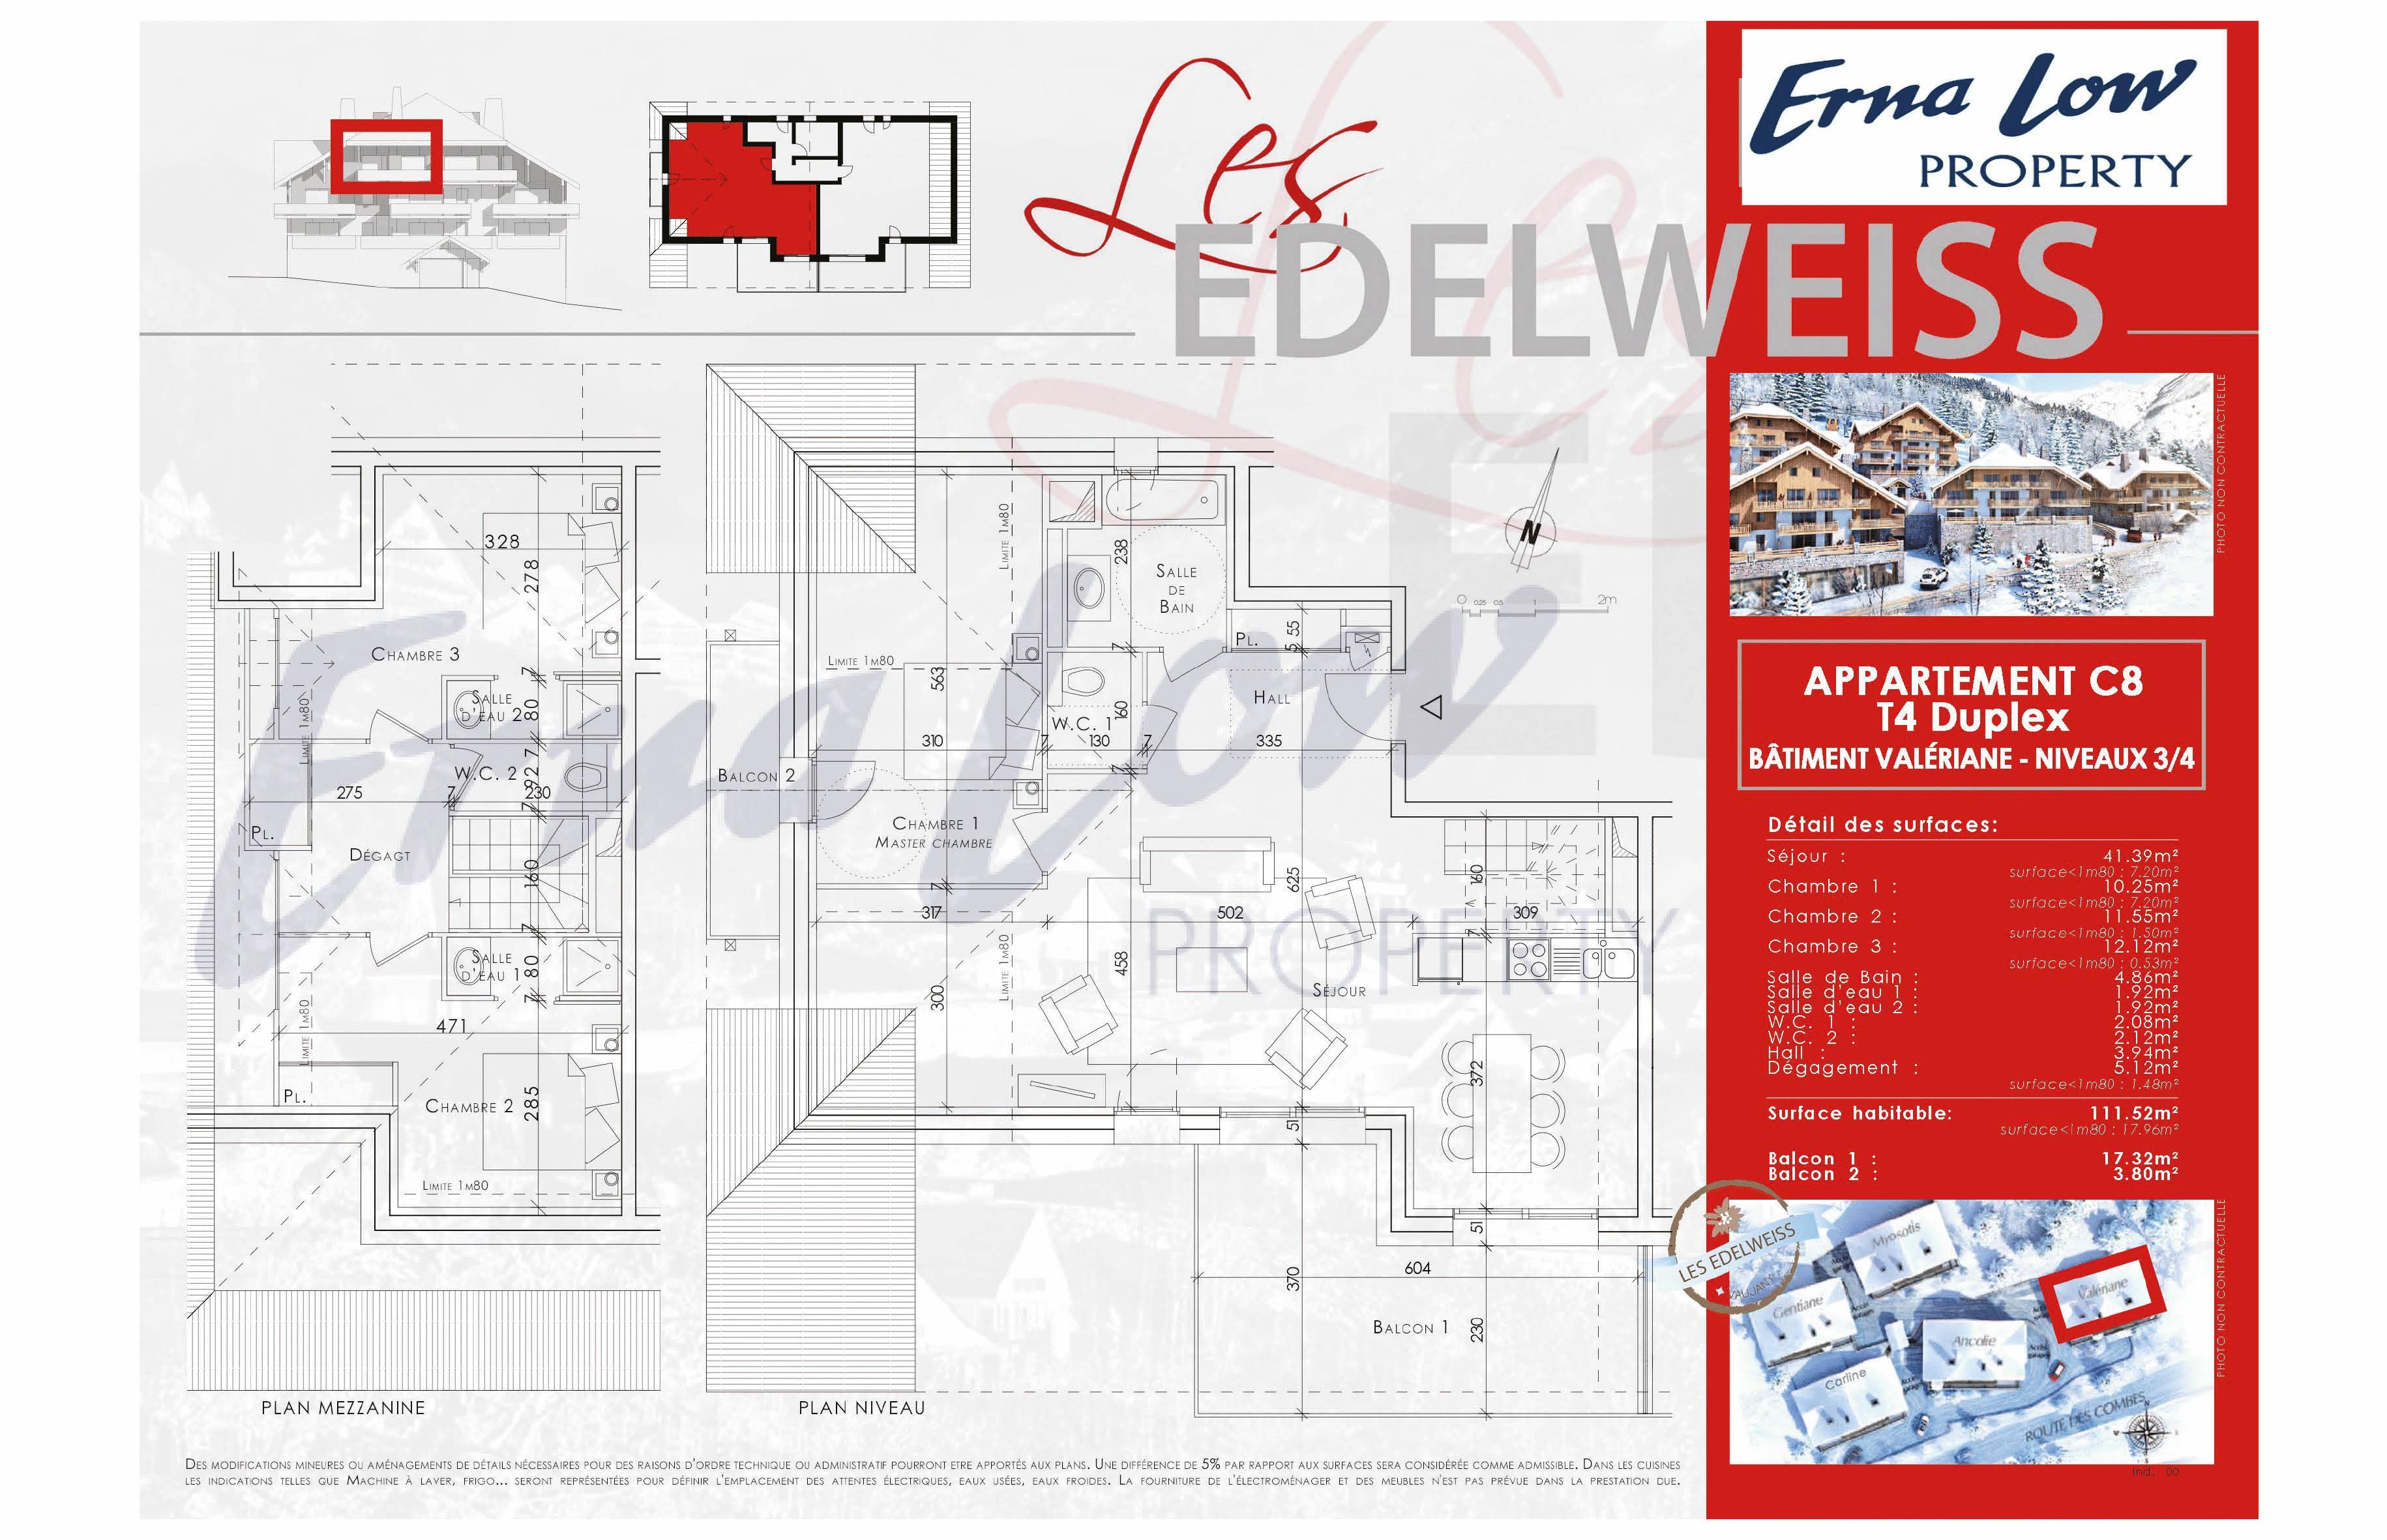 VAUJANY- LES EDELWEISS (3 BED) VAUJANY